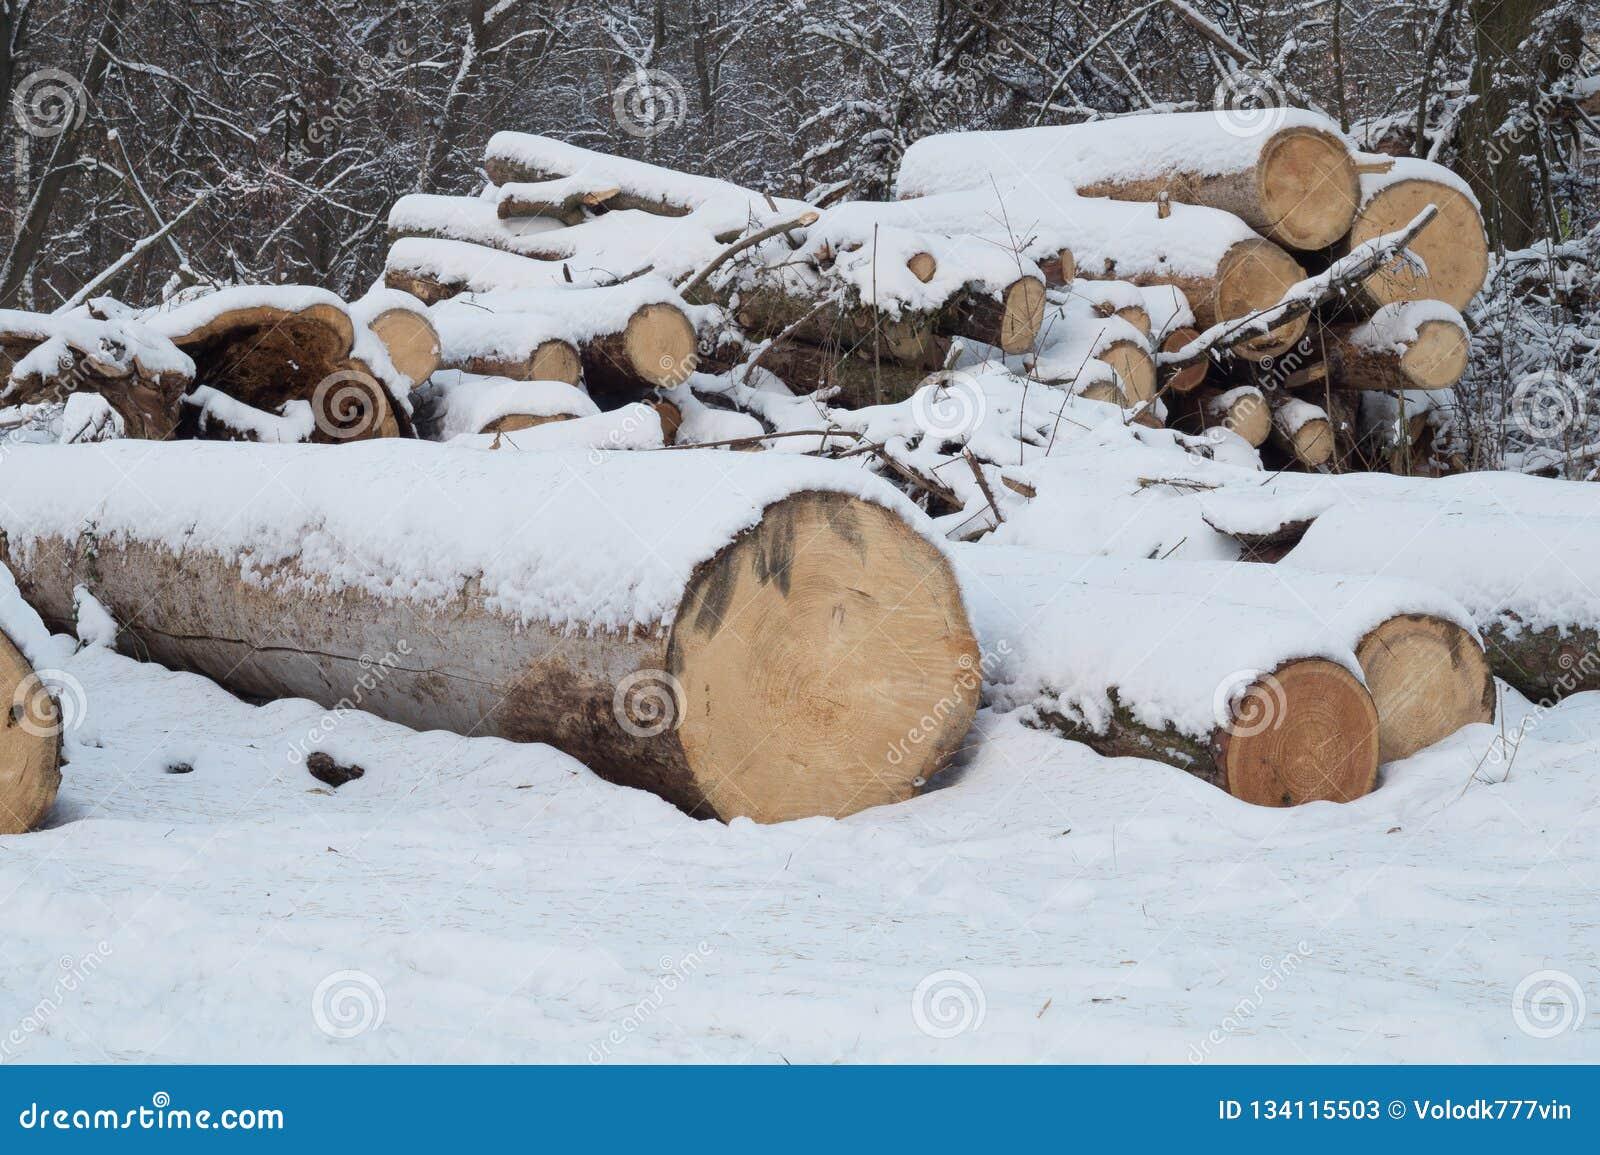 Registros Registros enormes sombreados por la nieve en el parque del invierno